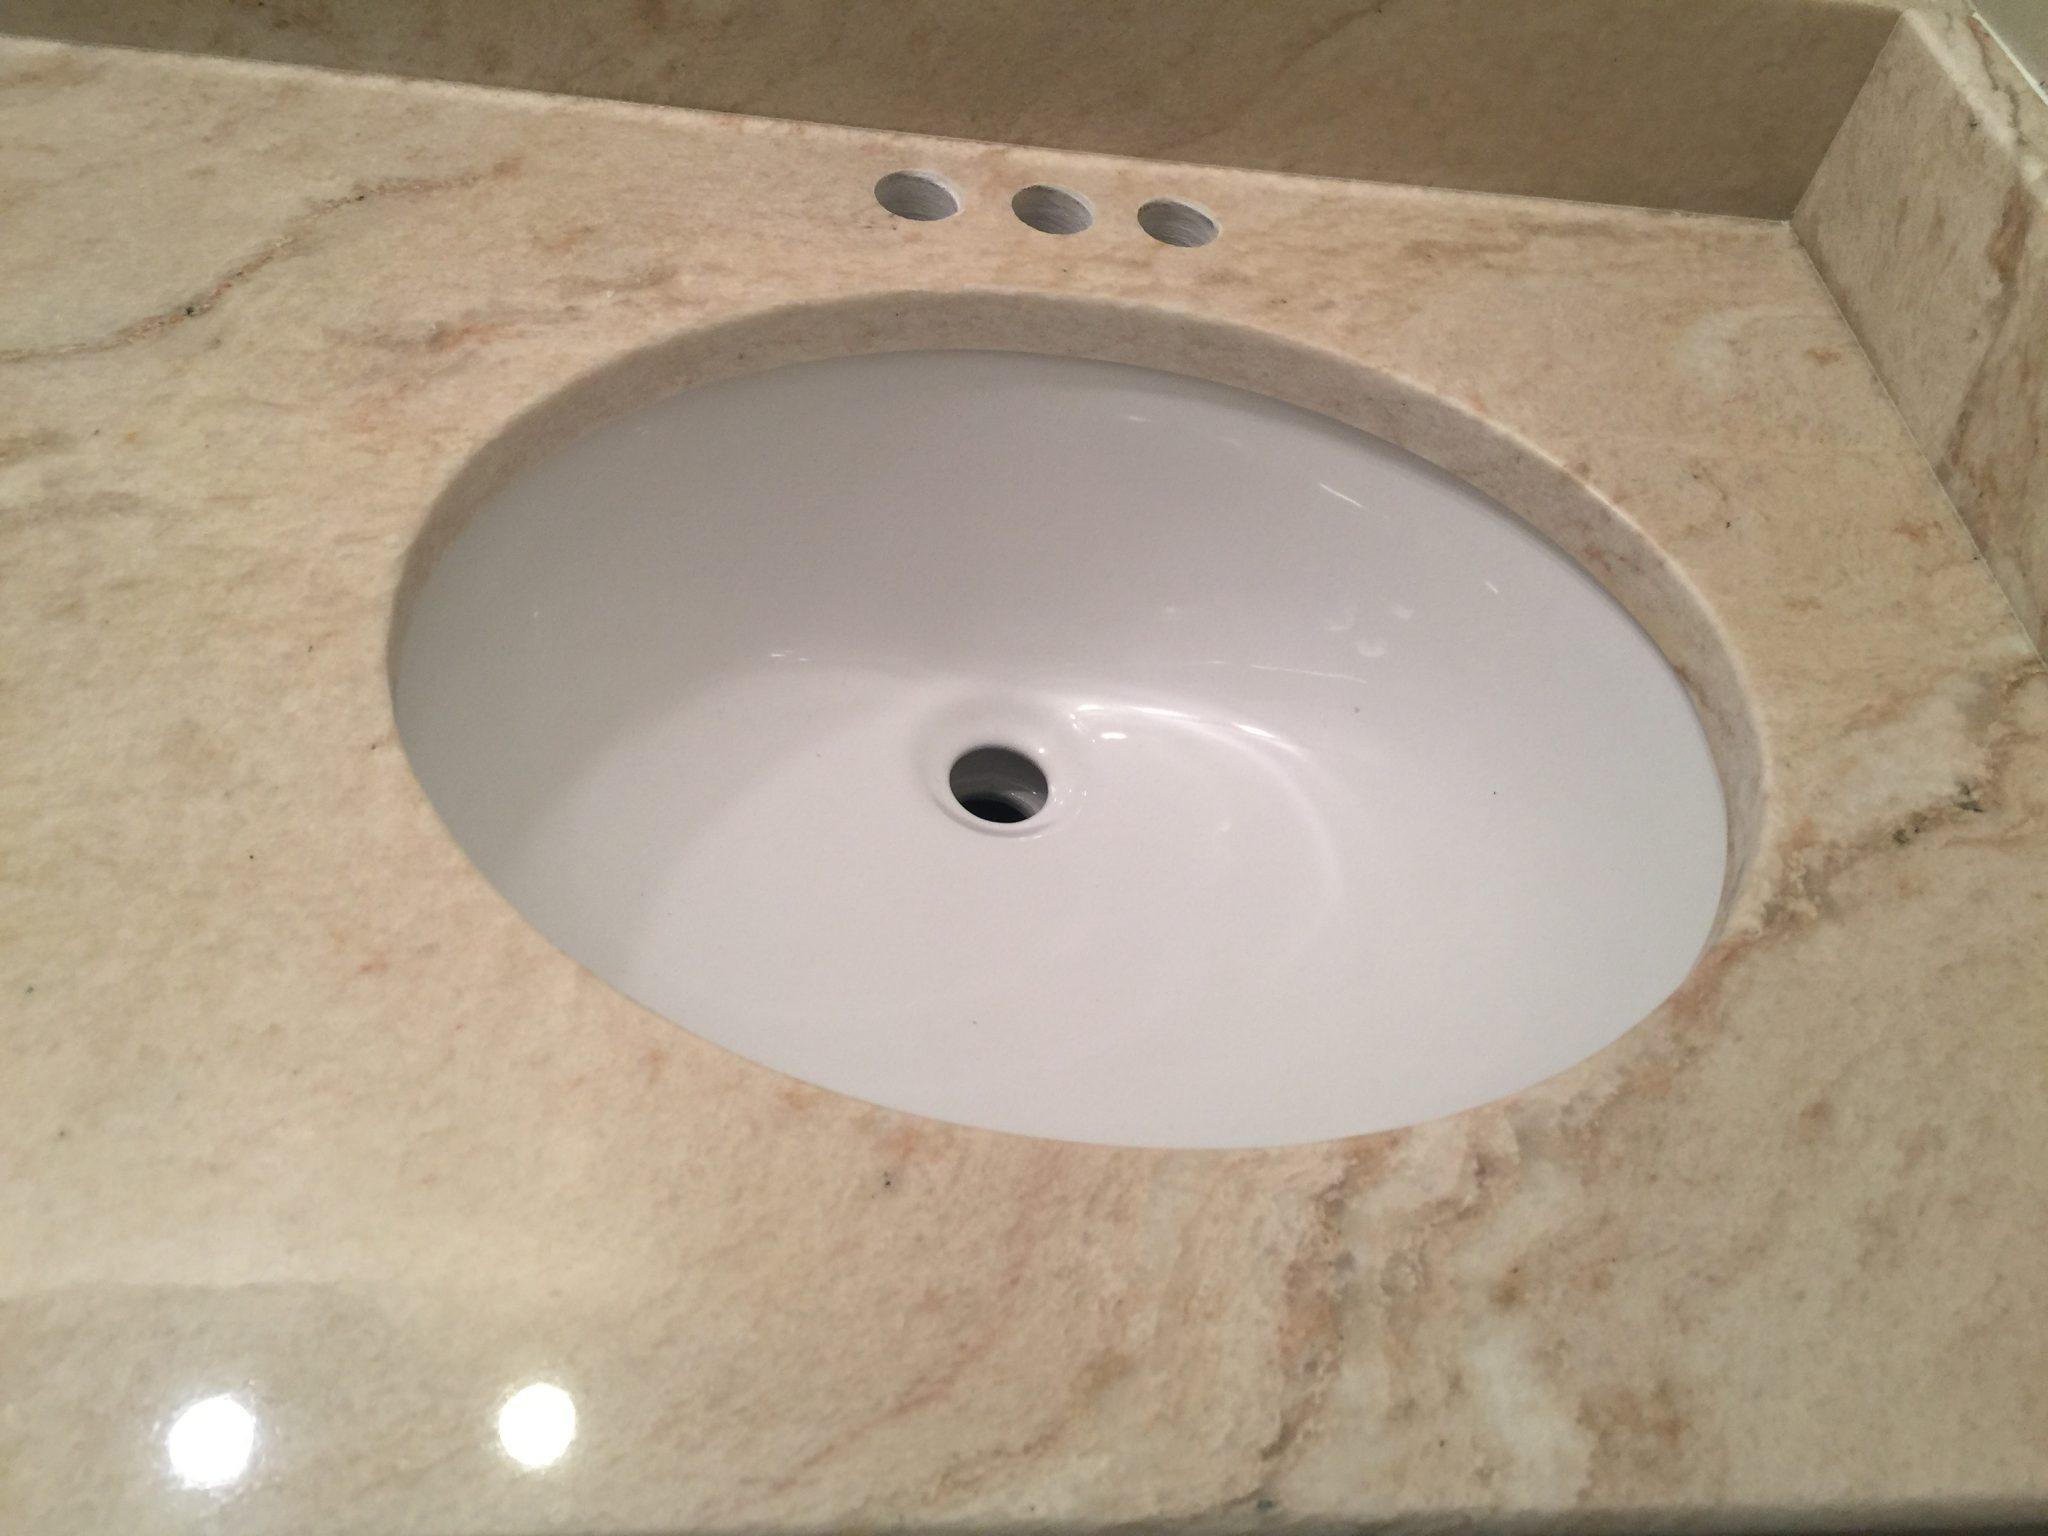 Artic White Quartzite vanity top